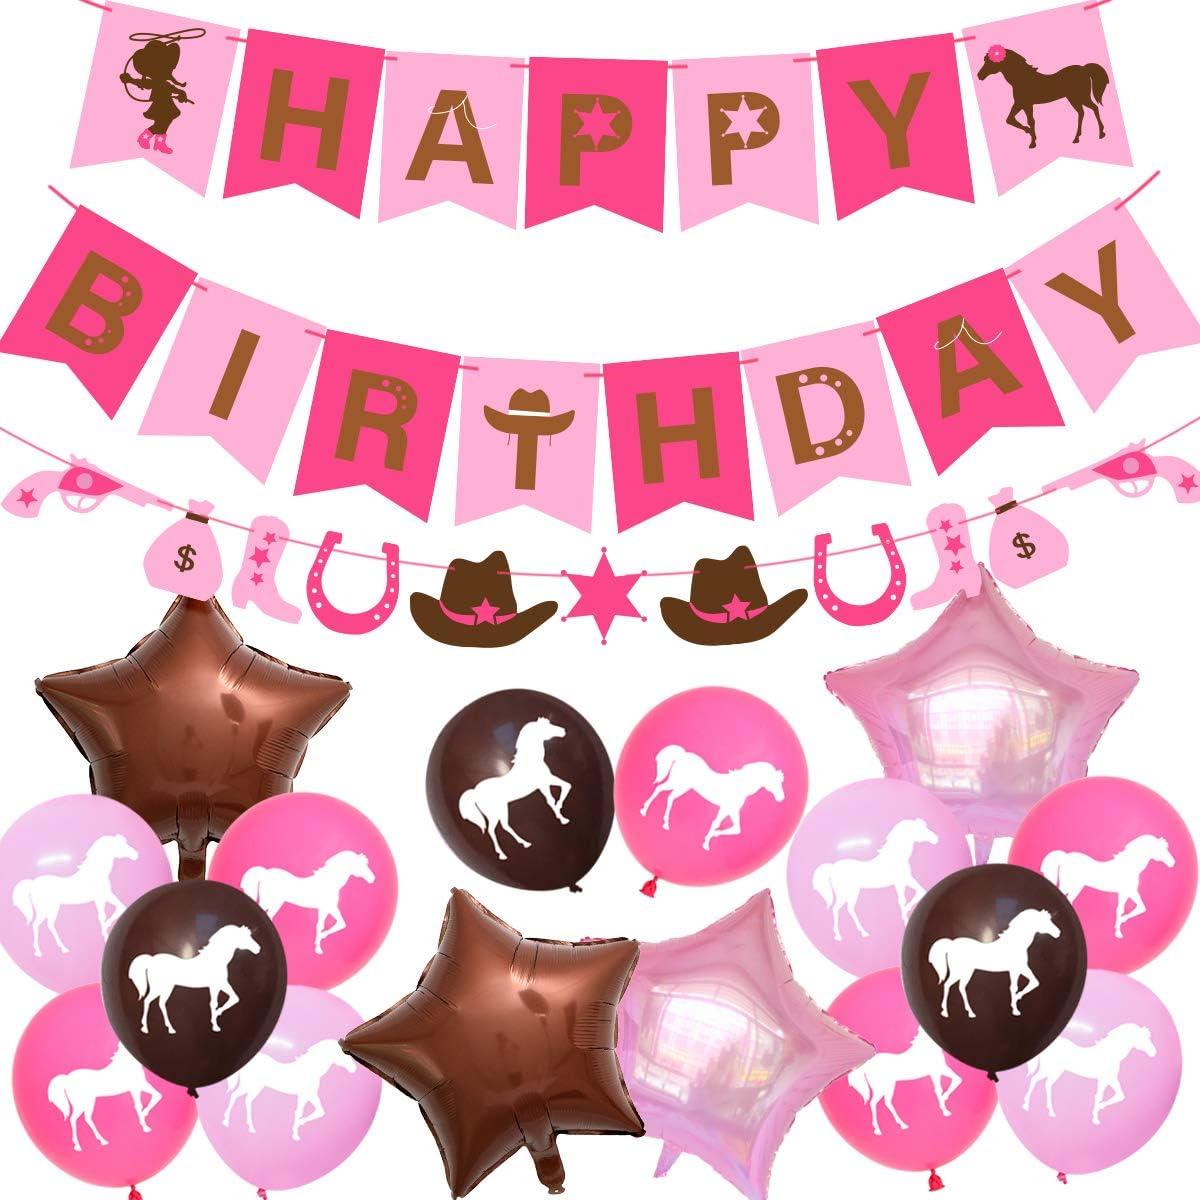 Decoraciones de fiesta de vaquera occidental Suministros de fiesta de cumpleaños de caballo para niñas con guirnalda de vaquera Banner de feliz cumpleaños Globos de látex rosa